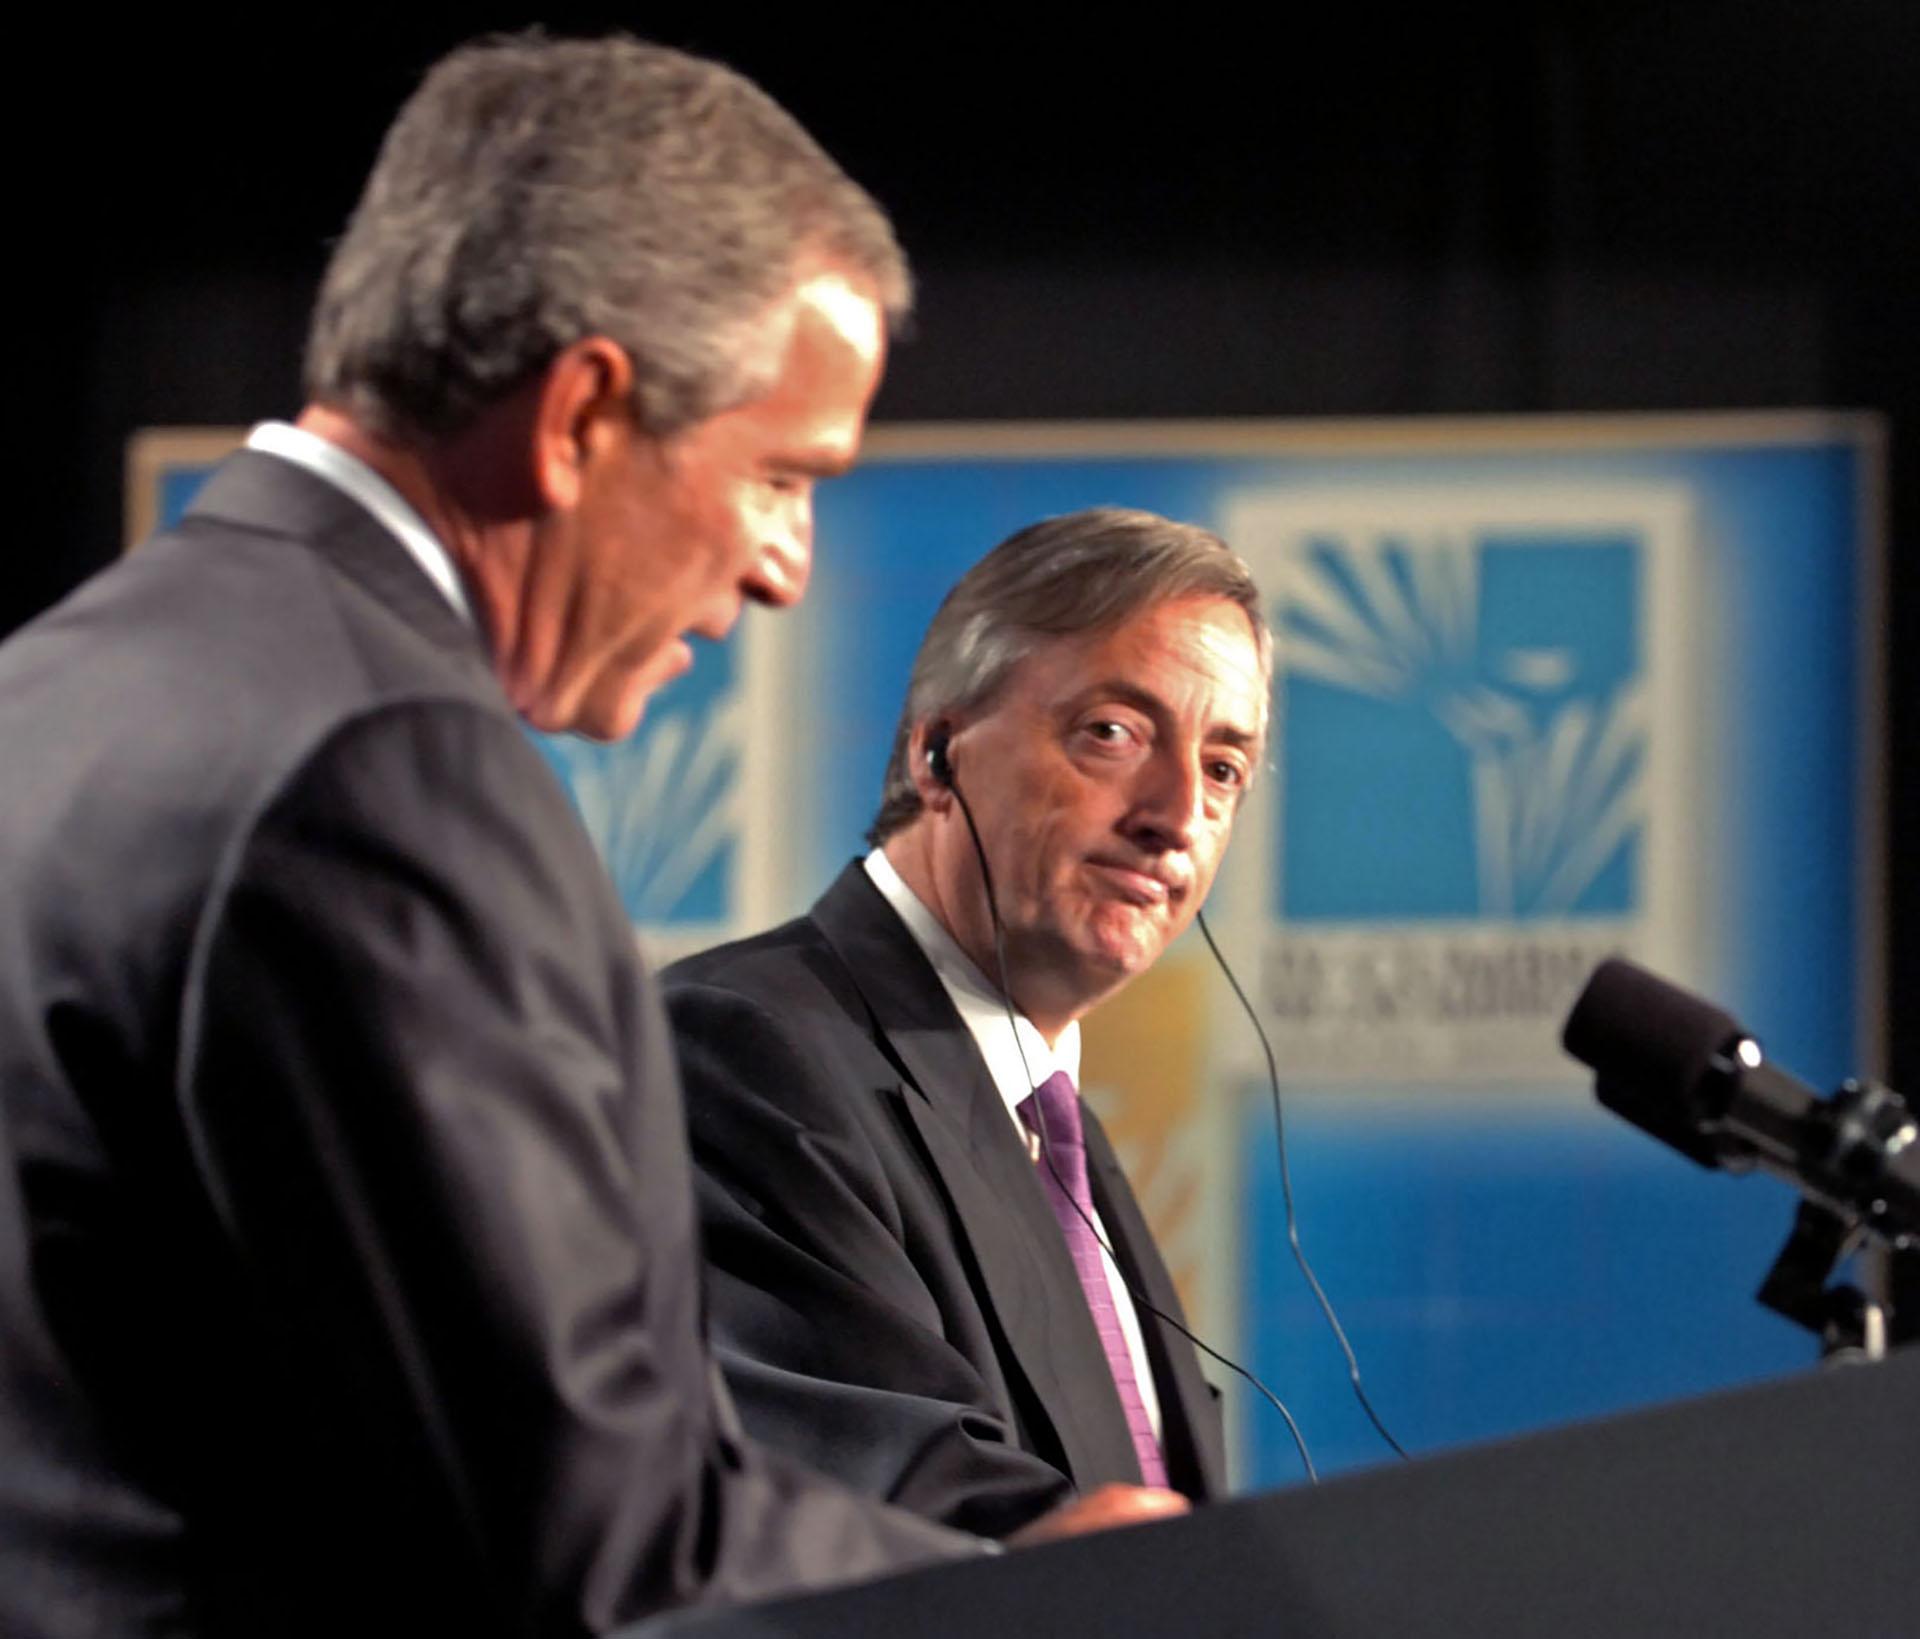 Néstor Kirchner escucha atentamente a George W. Bush durante la conferencia de prensa que ofrecieron luego de reunirse